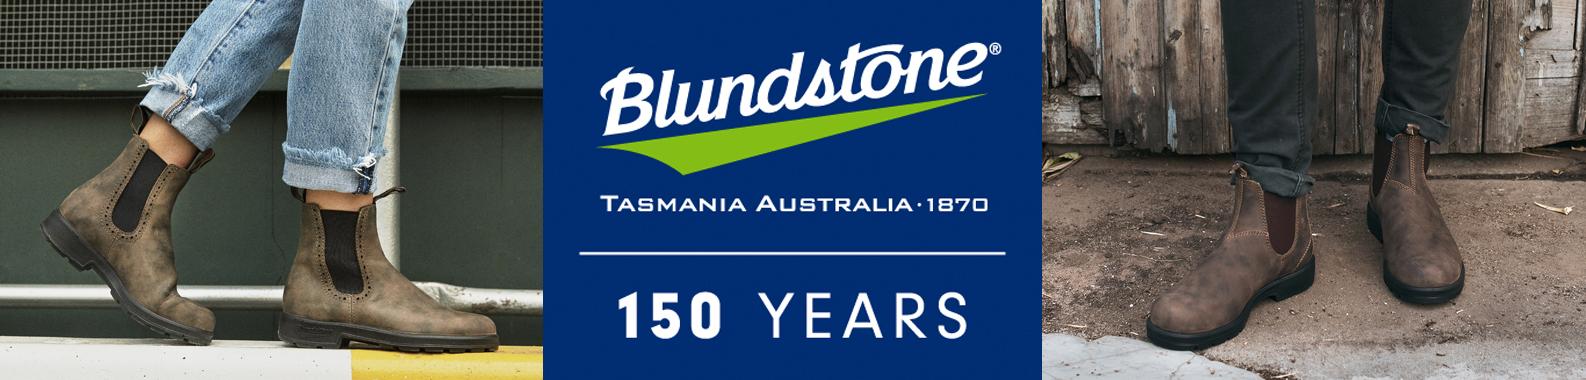 Blundstone brand header image